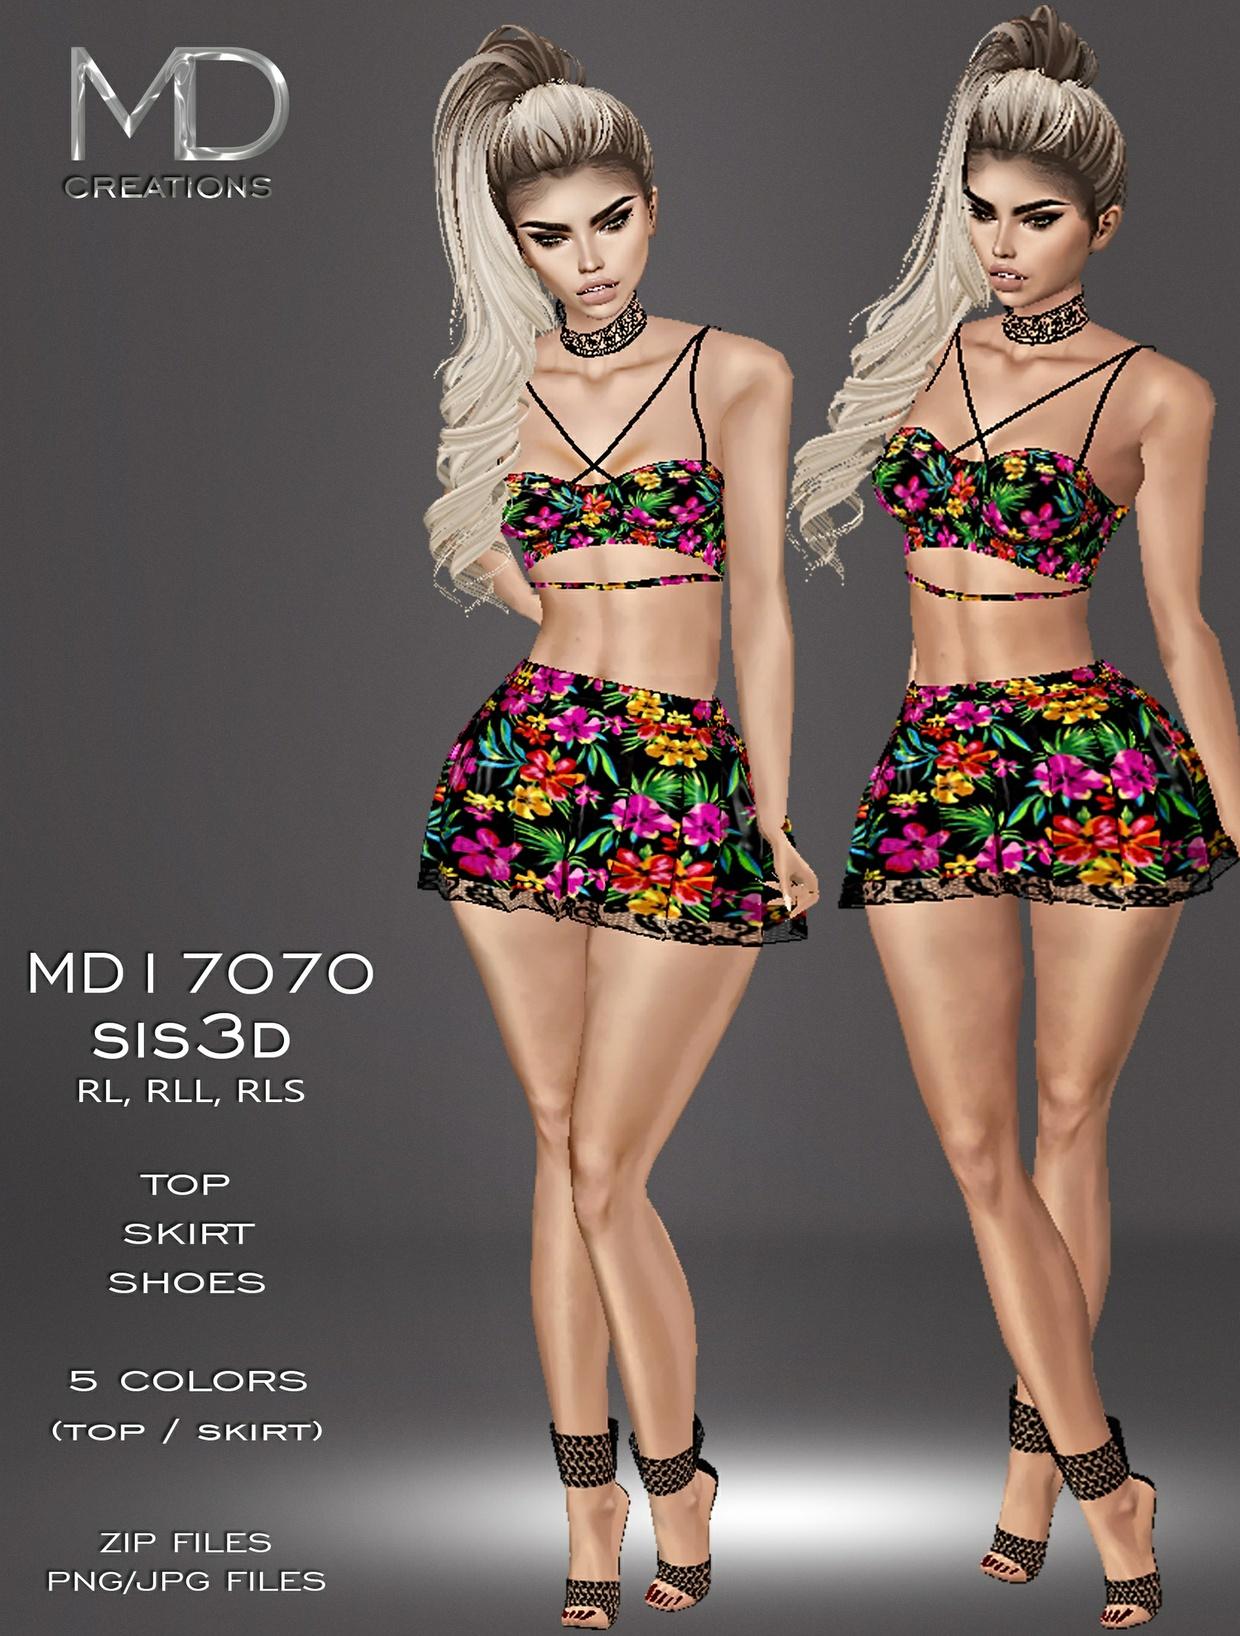 MD17070 - Sis3D